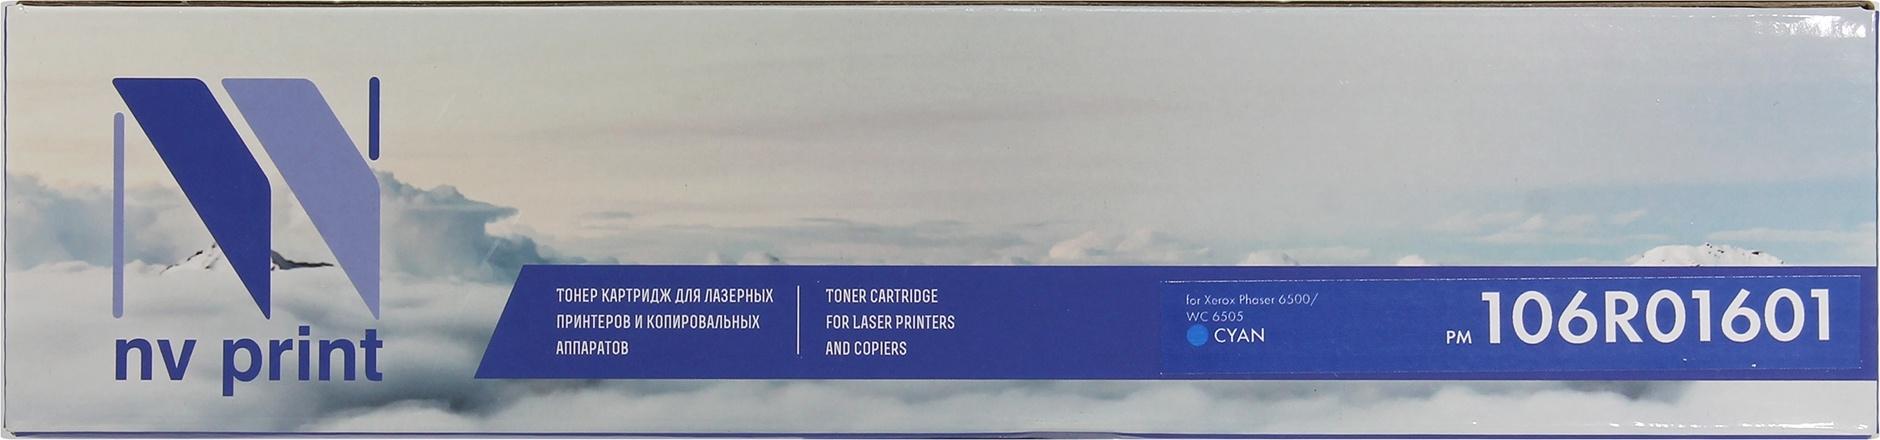 Картридж NV-Print 106R01601 для Xerox Phaser 6500/6505